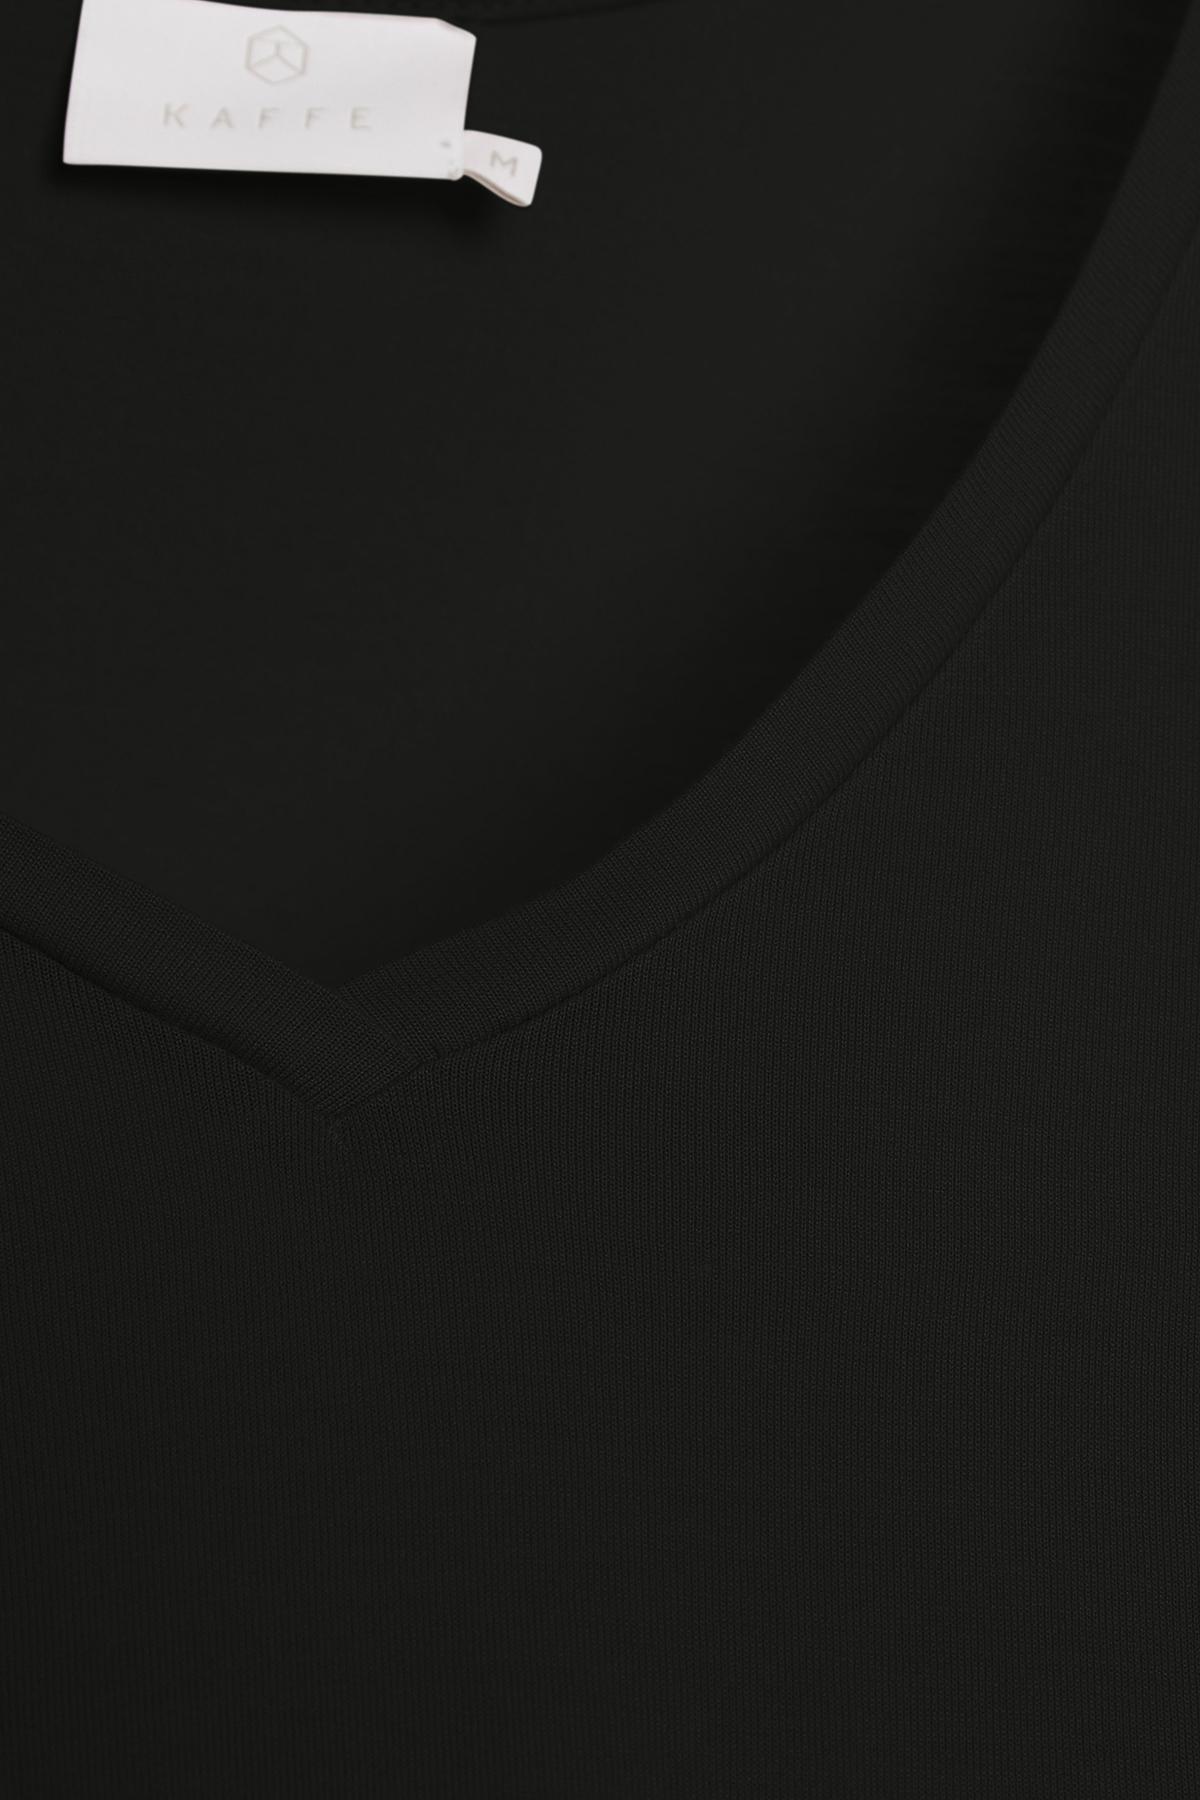 Zwart T-shirt korte mouw van Kaffe – Door Zwart T-shirt korte mouw van maat. XS-XXL hier